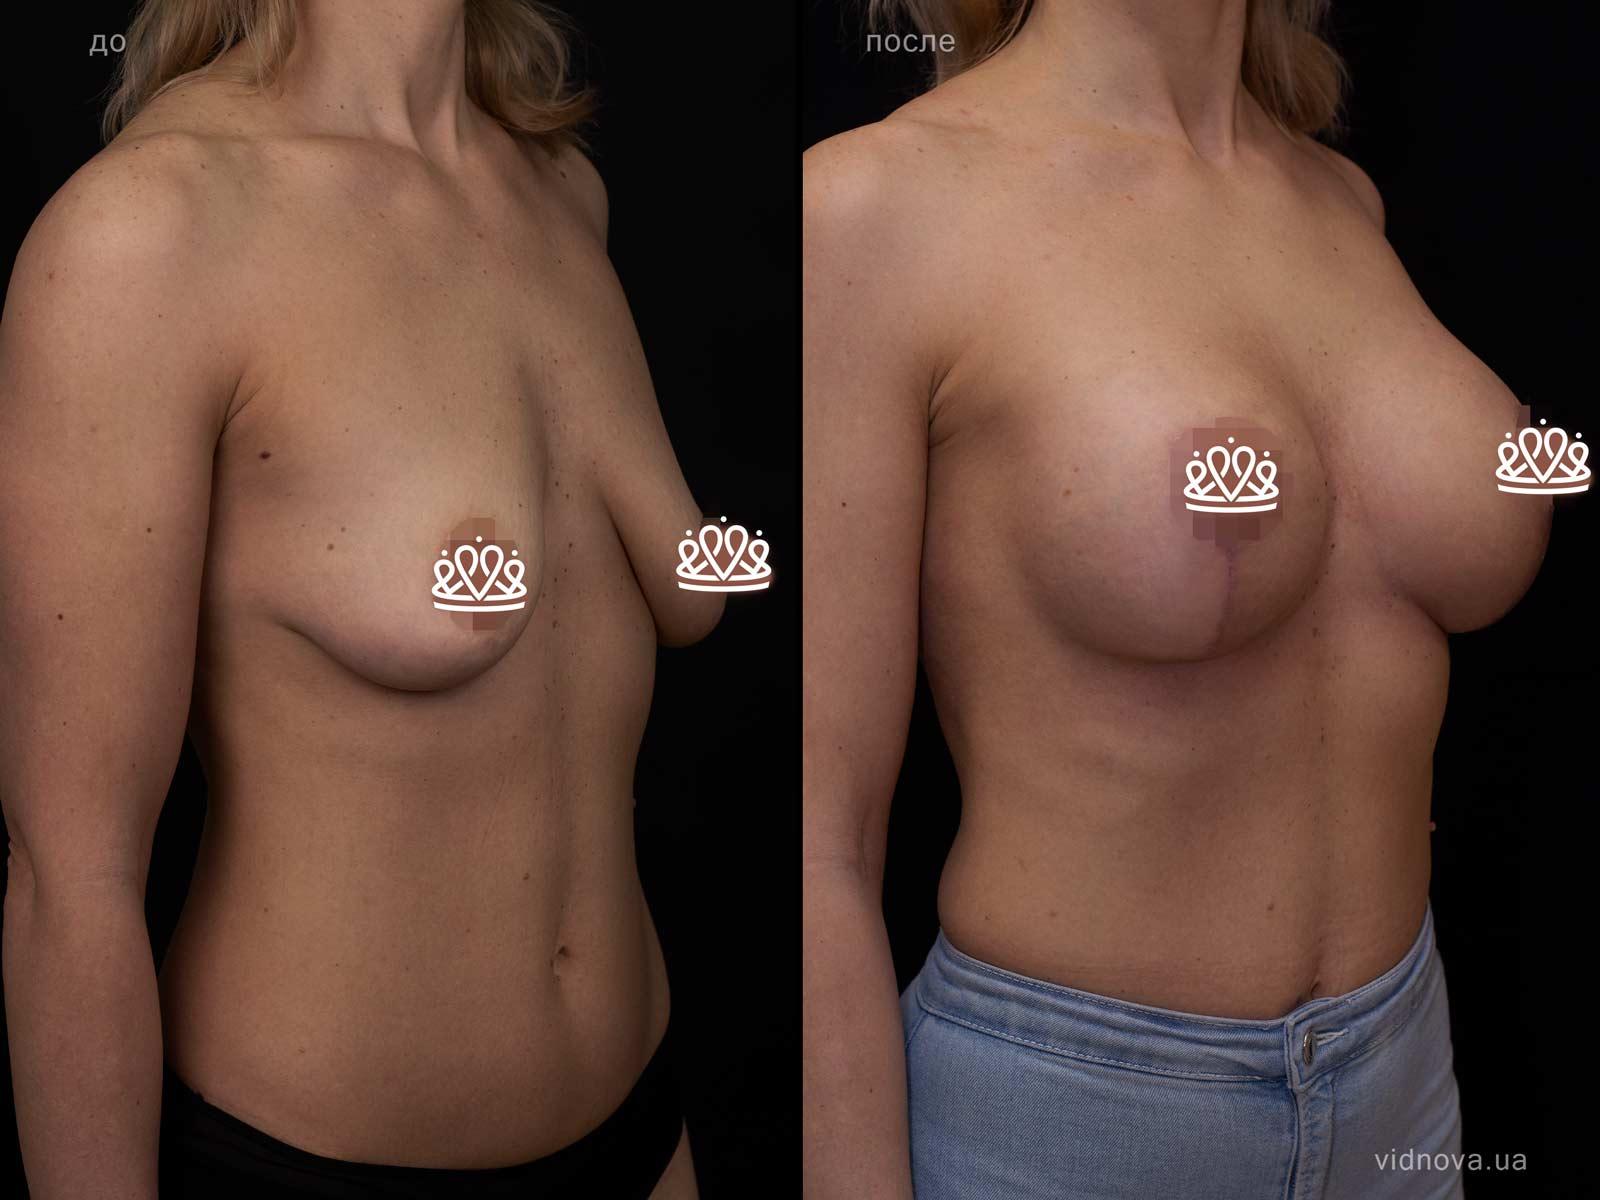 Пластика груди: результаты до и после - Пример №113-1 - Светлана Работенко